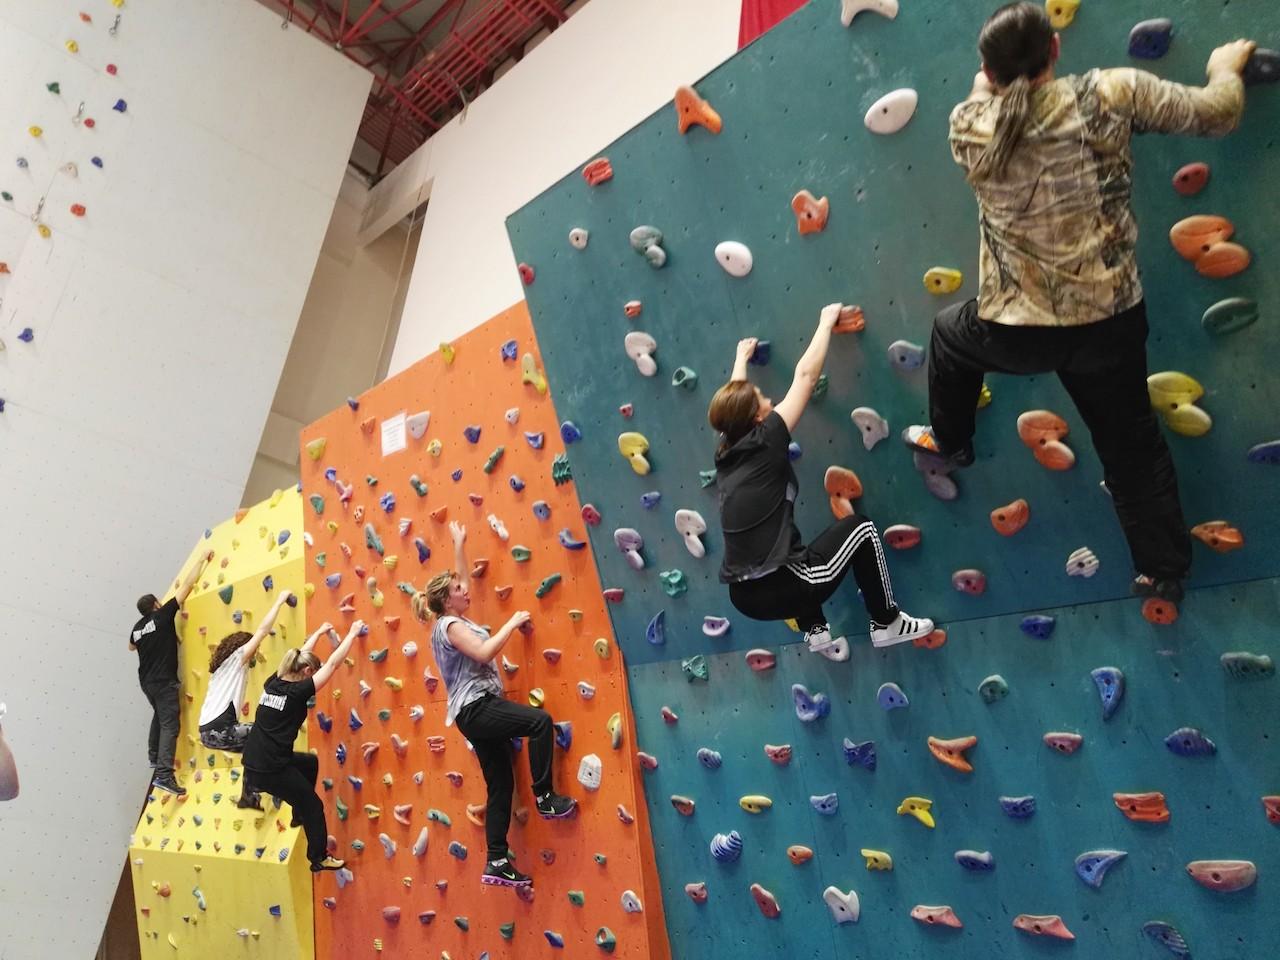 Spor Tırmanış İleri Seviye Eğitimi - Antalya Başvuruları